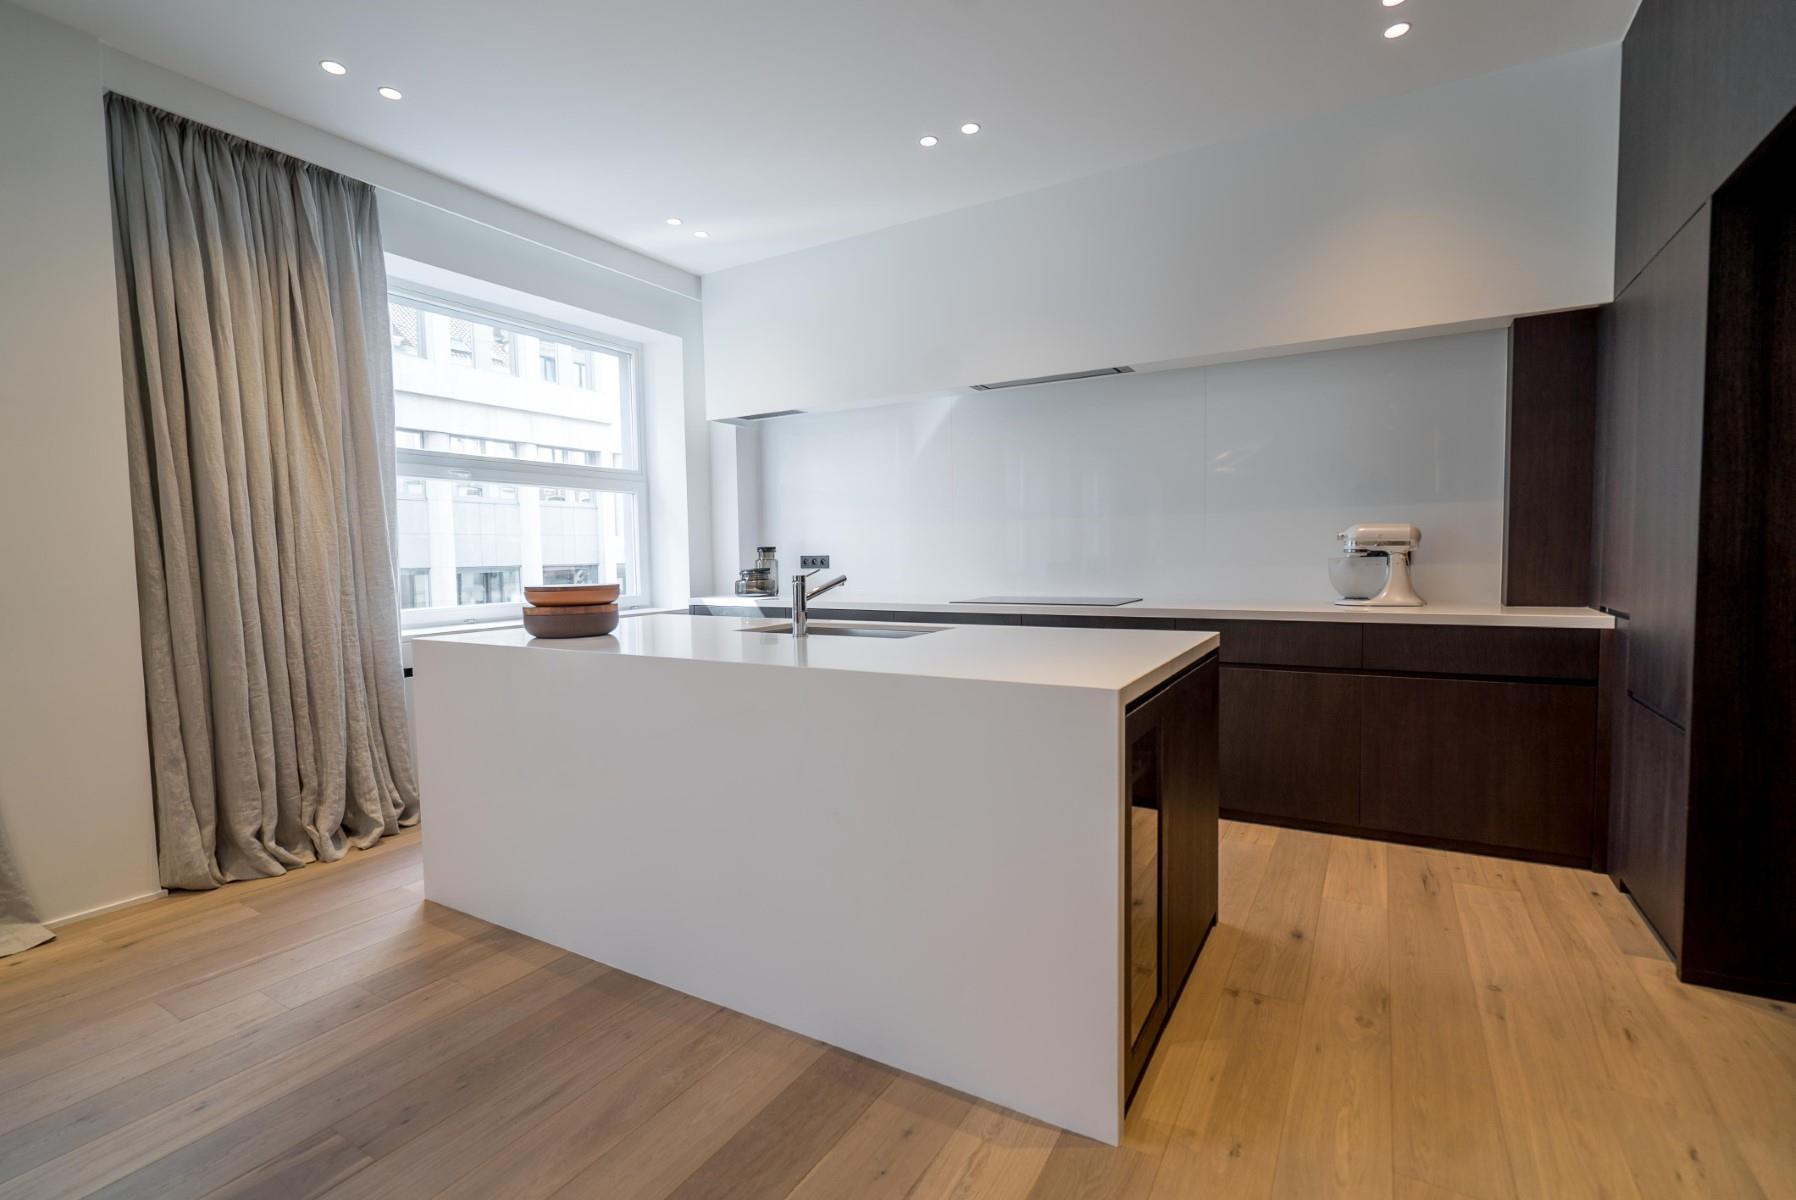 Aménagement_intérieur_kitchen